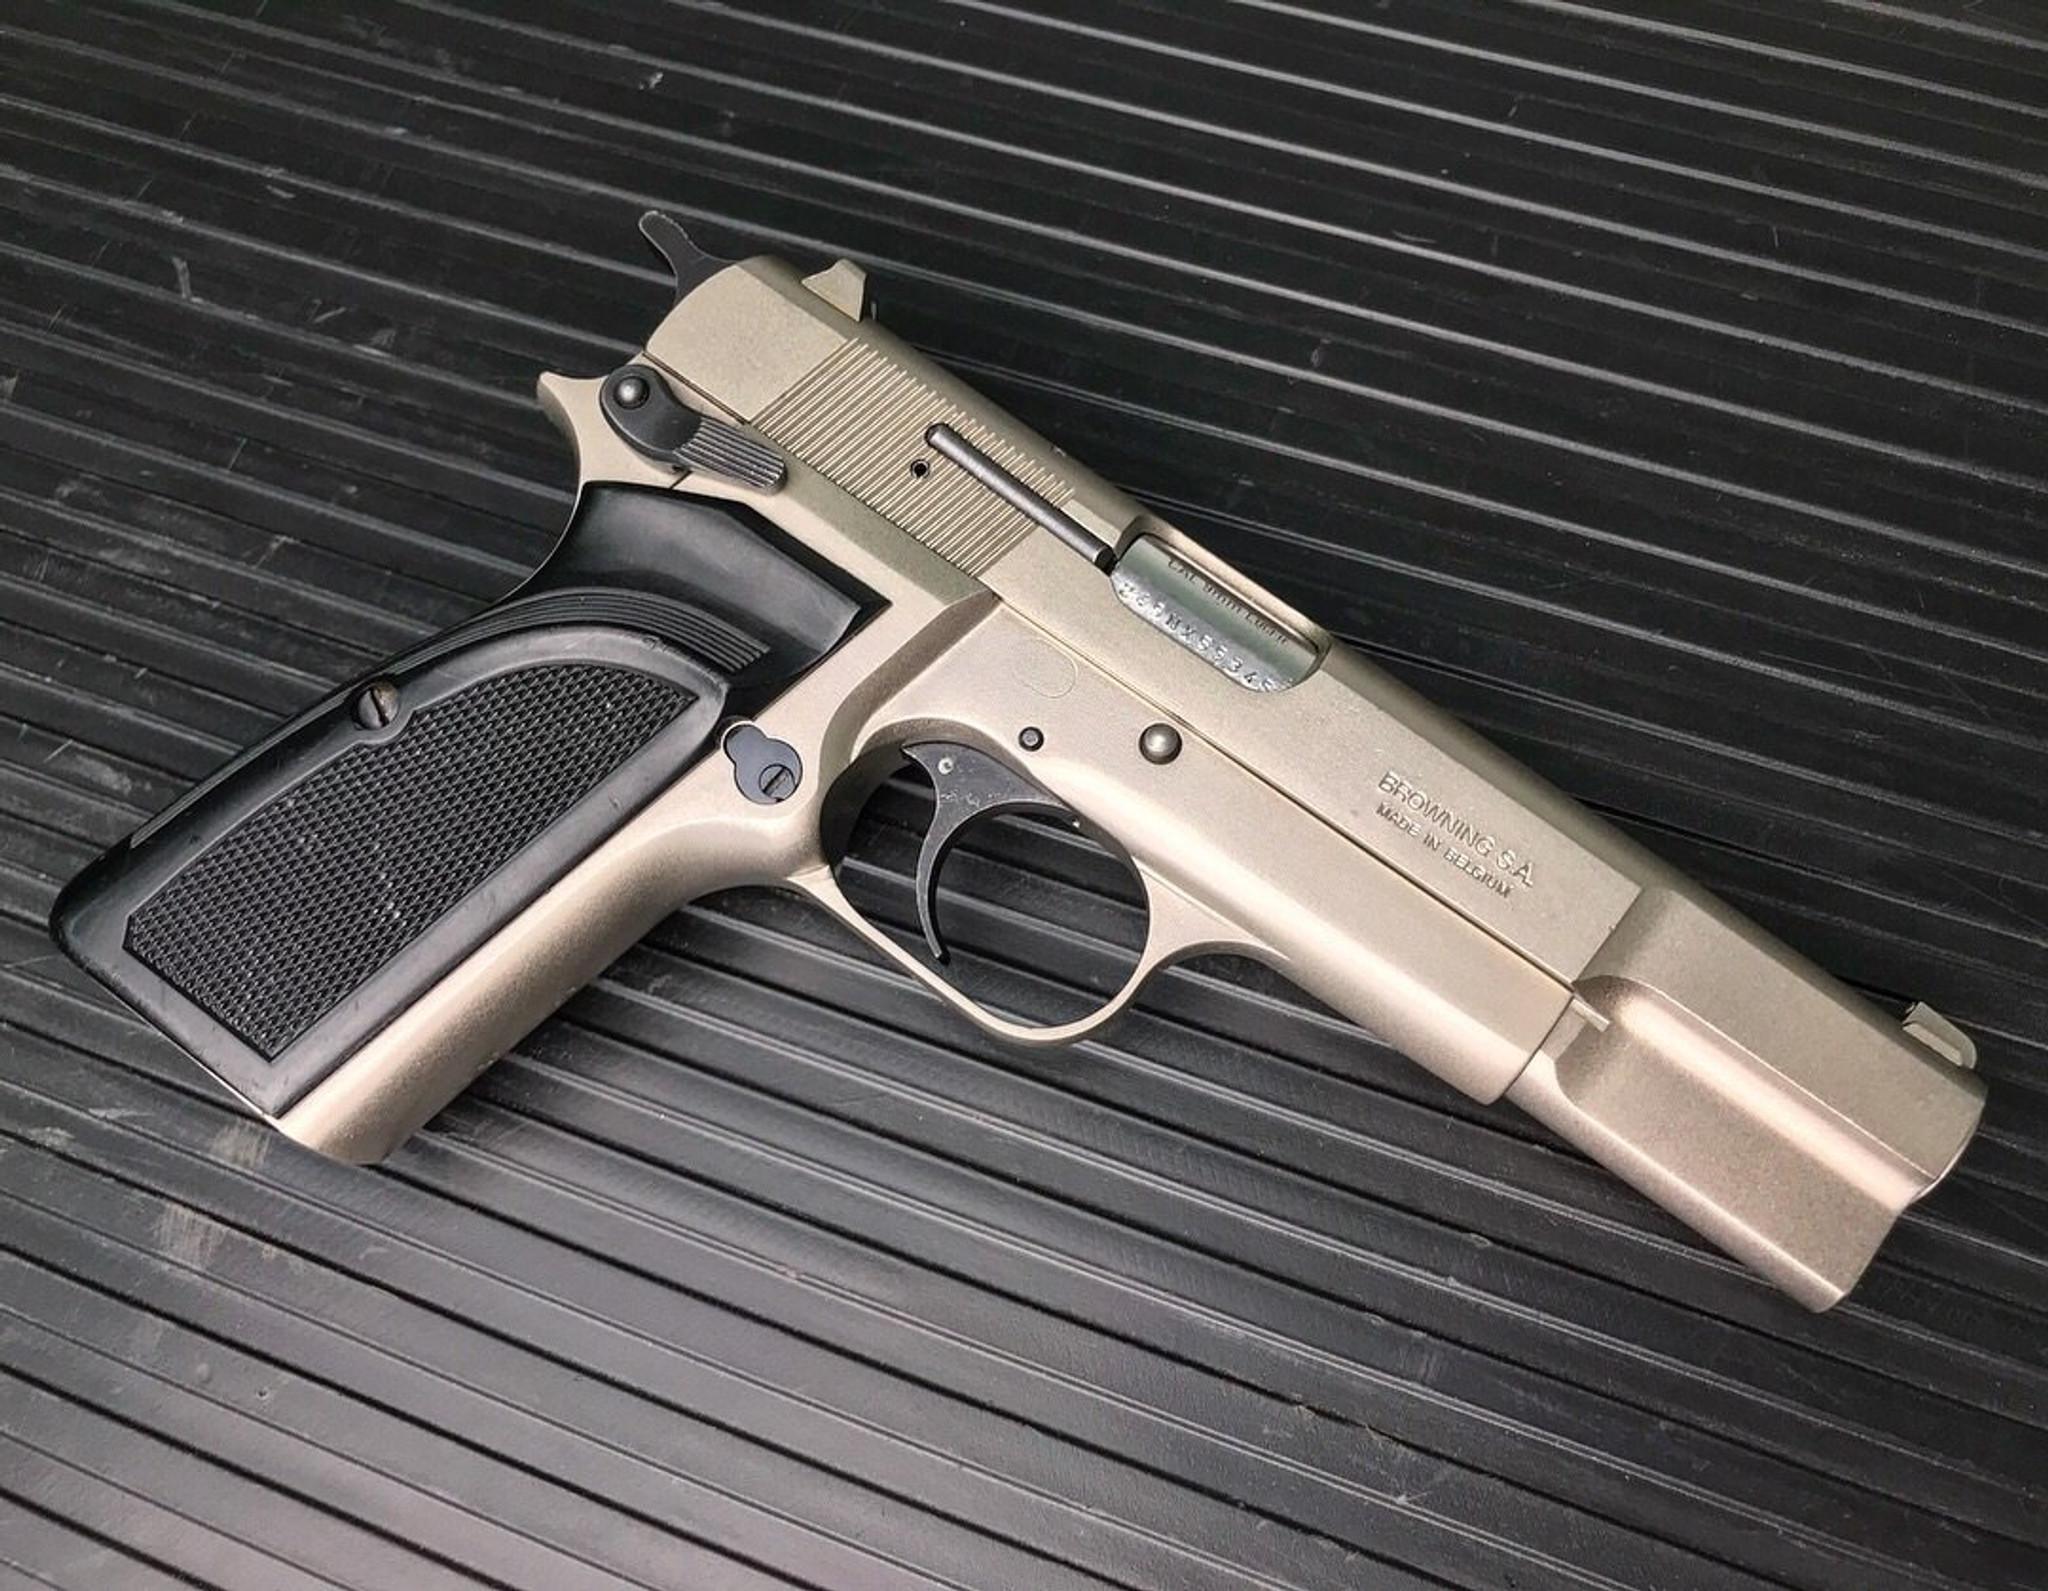 PVD Finishes: Pistol Slides